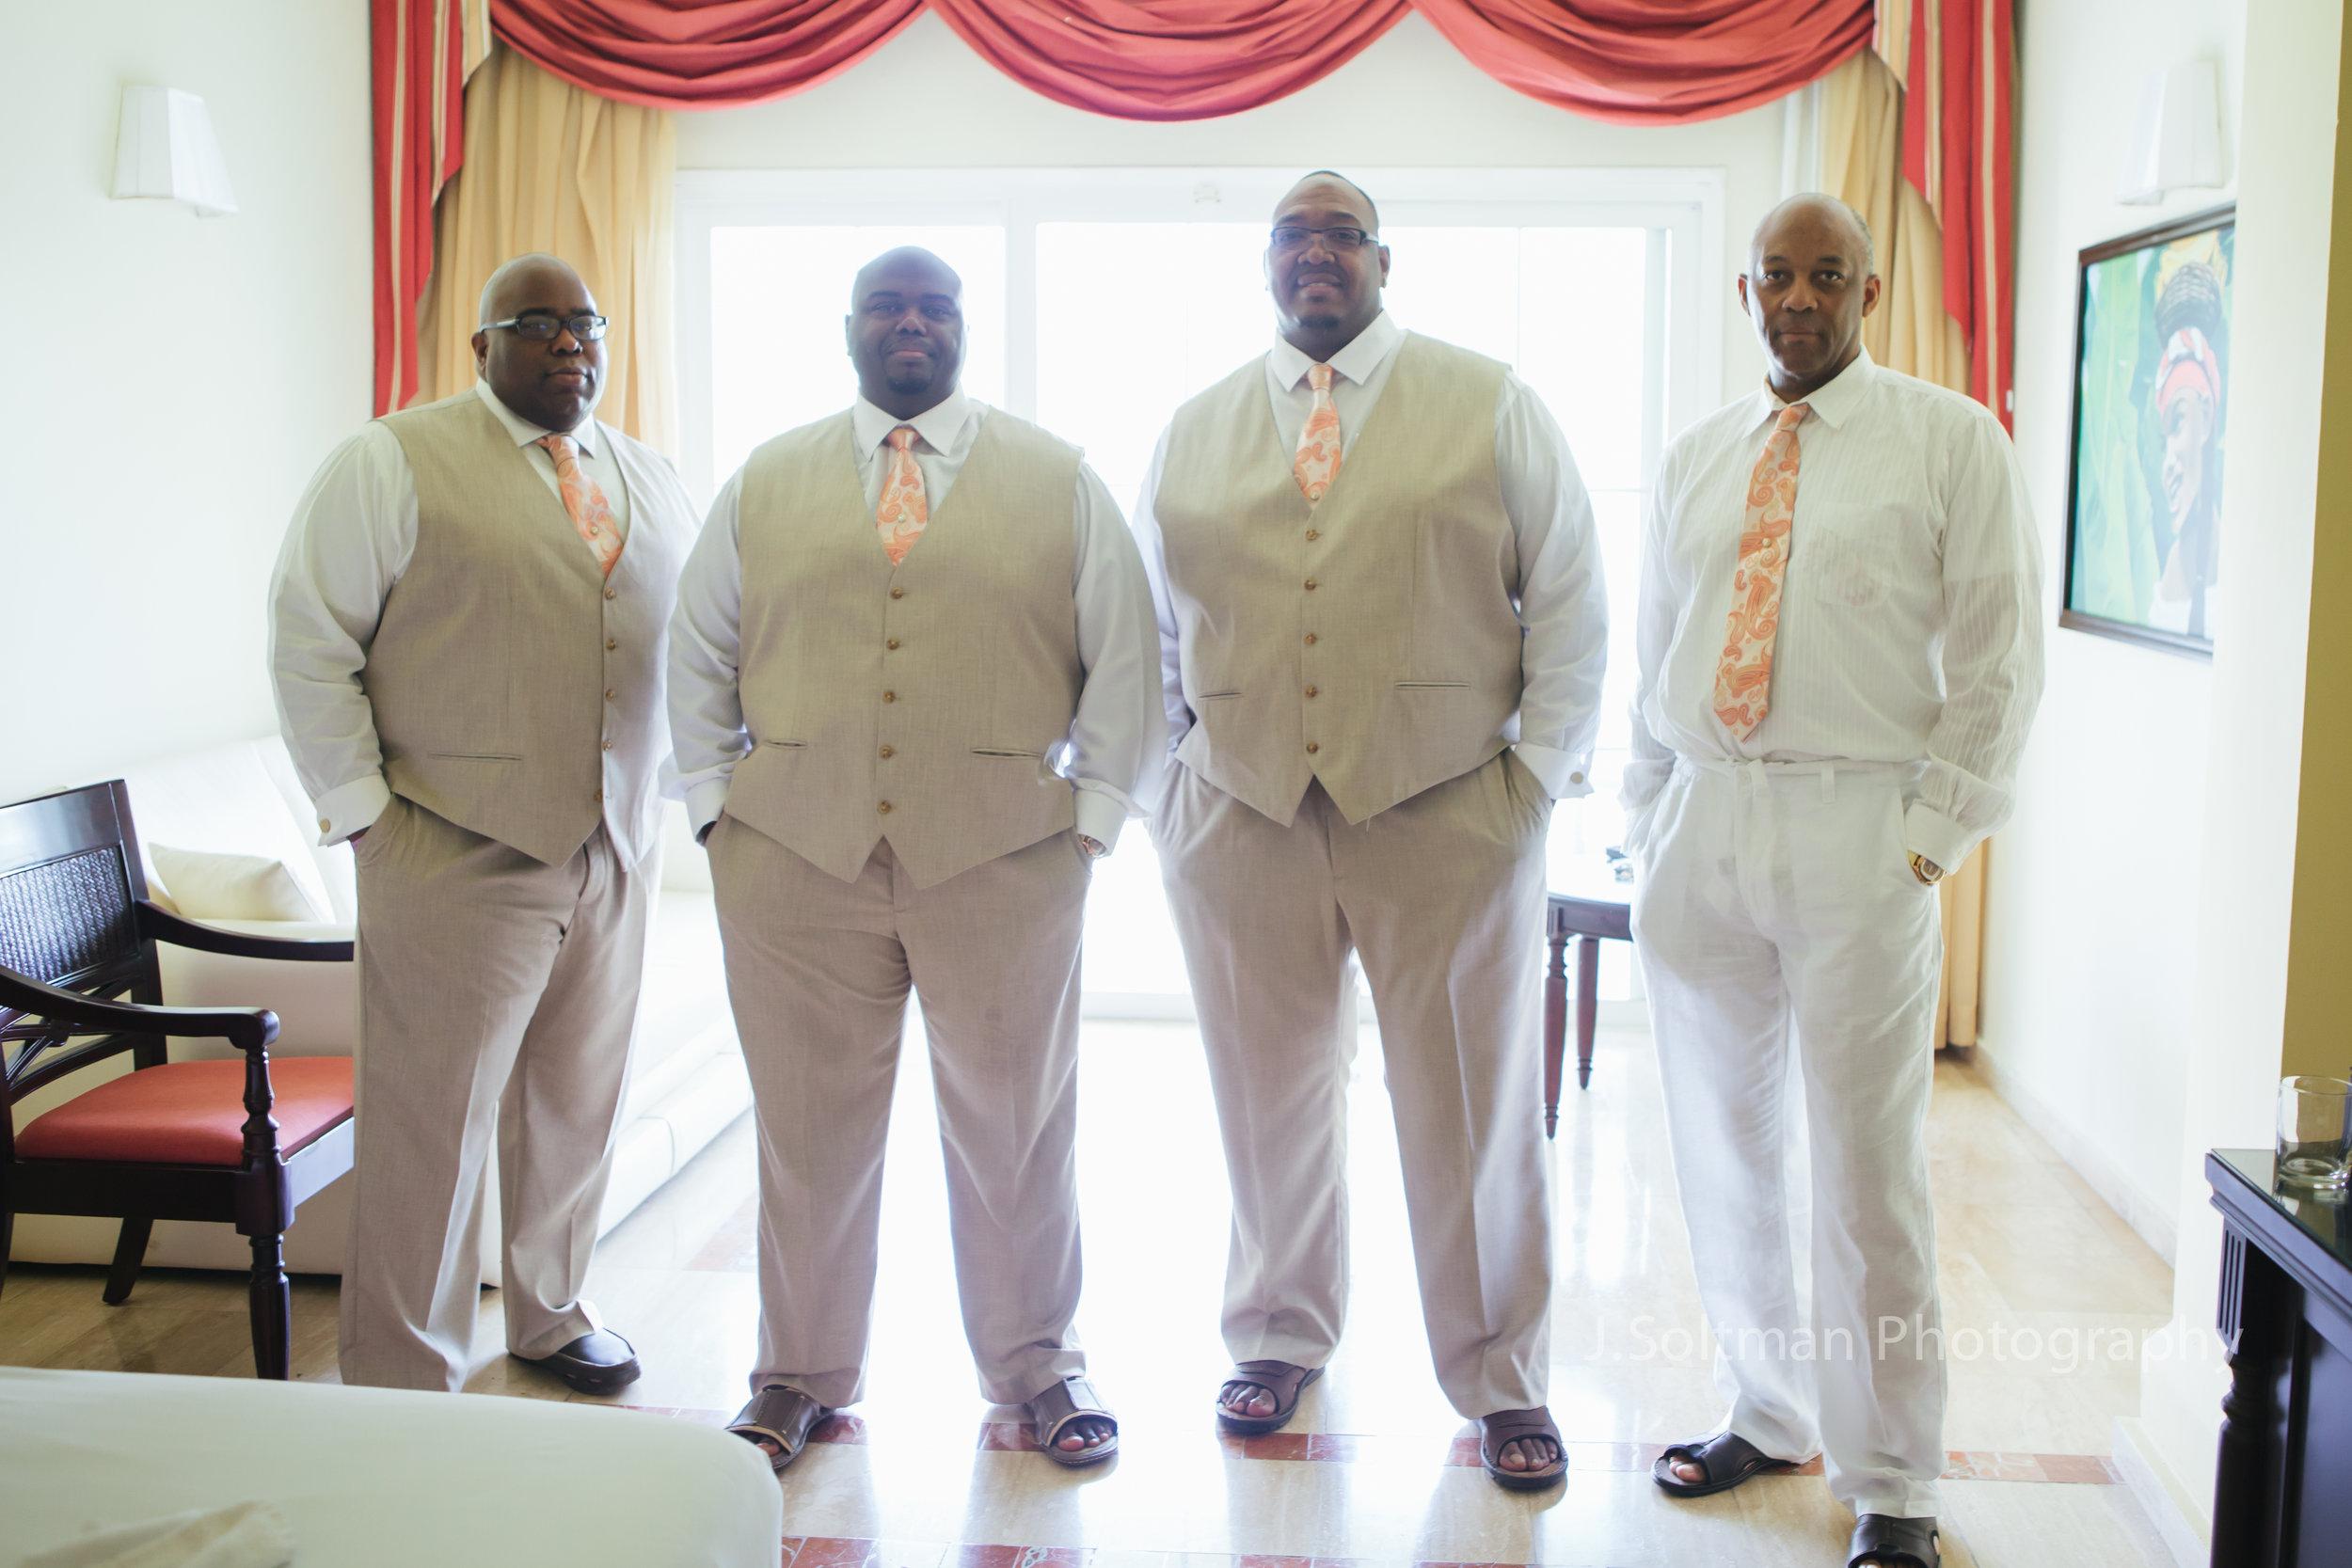 wedding photos-3387